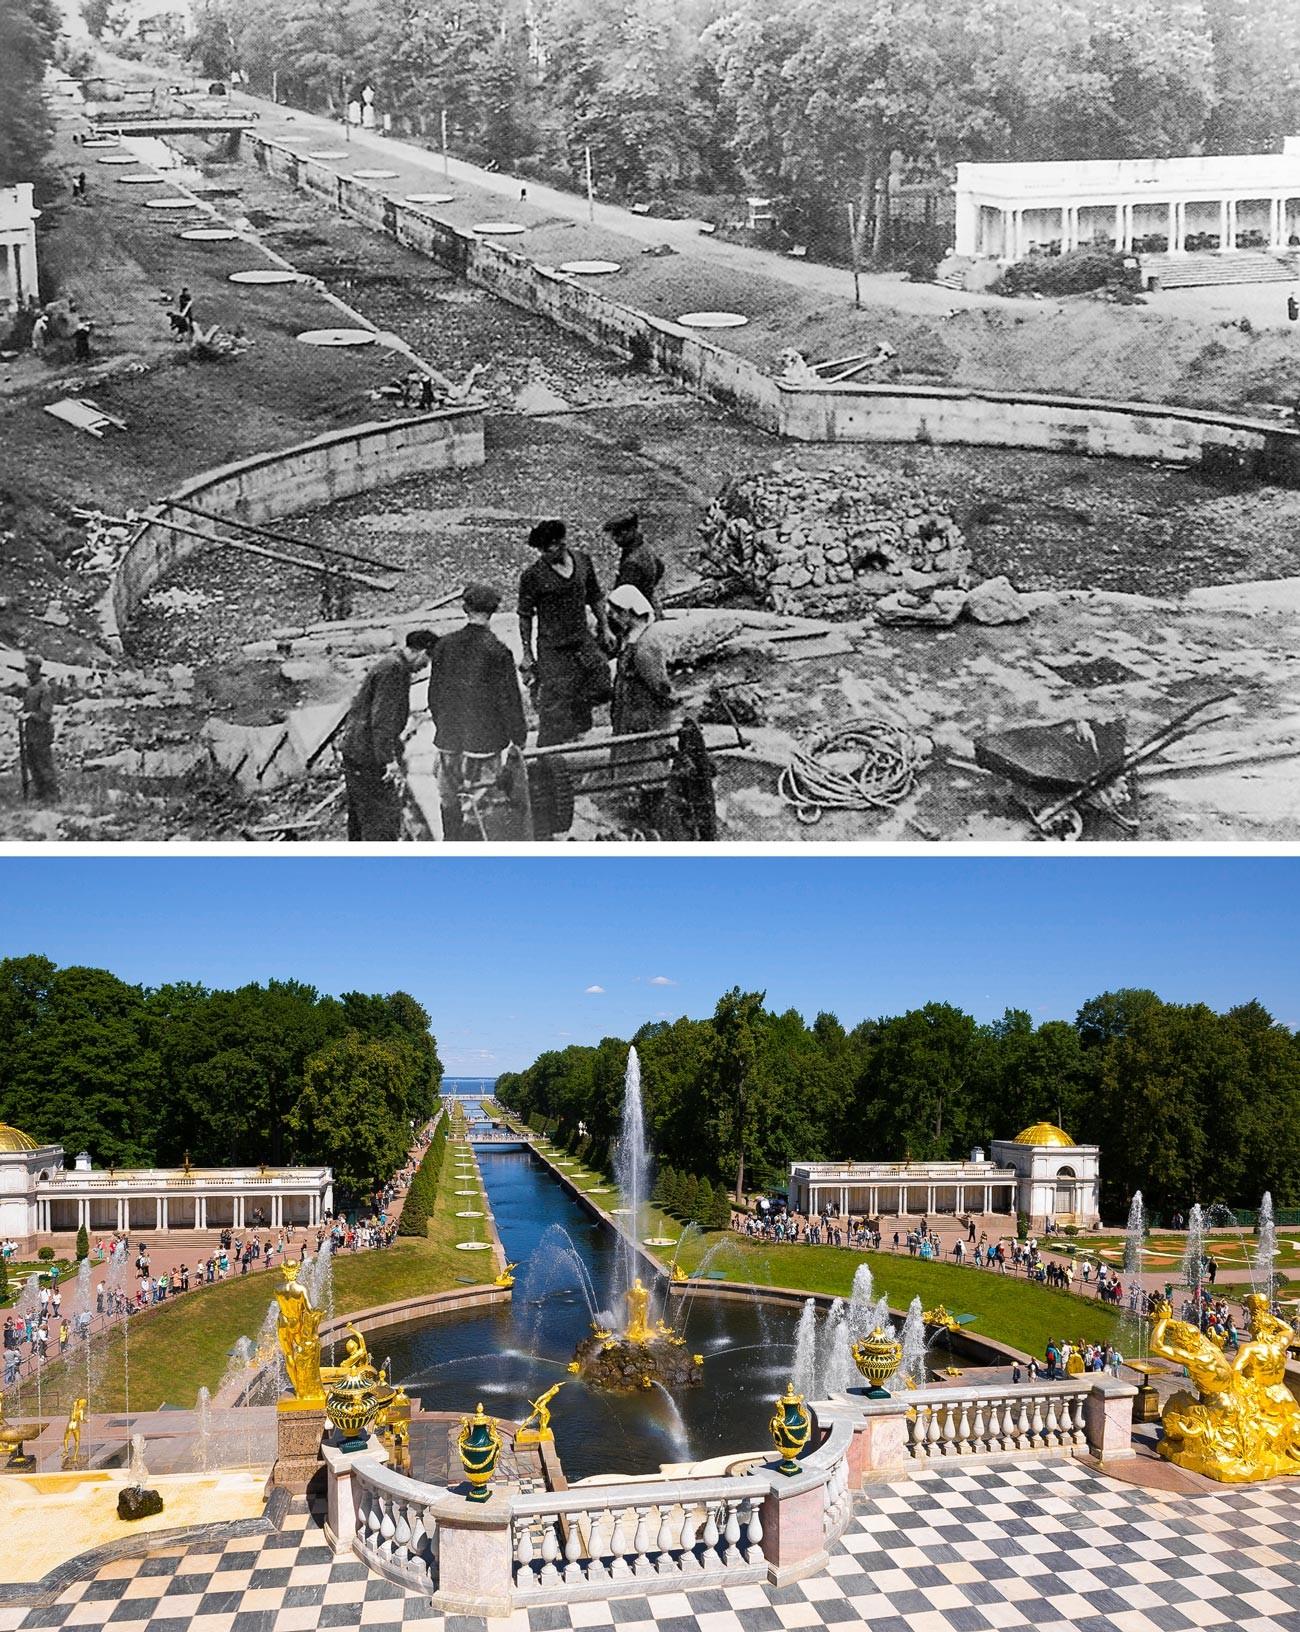 Der Große Kaskadenbrunnen 1946 und heute